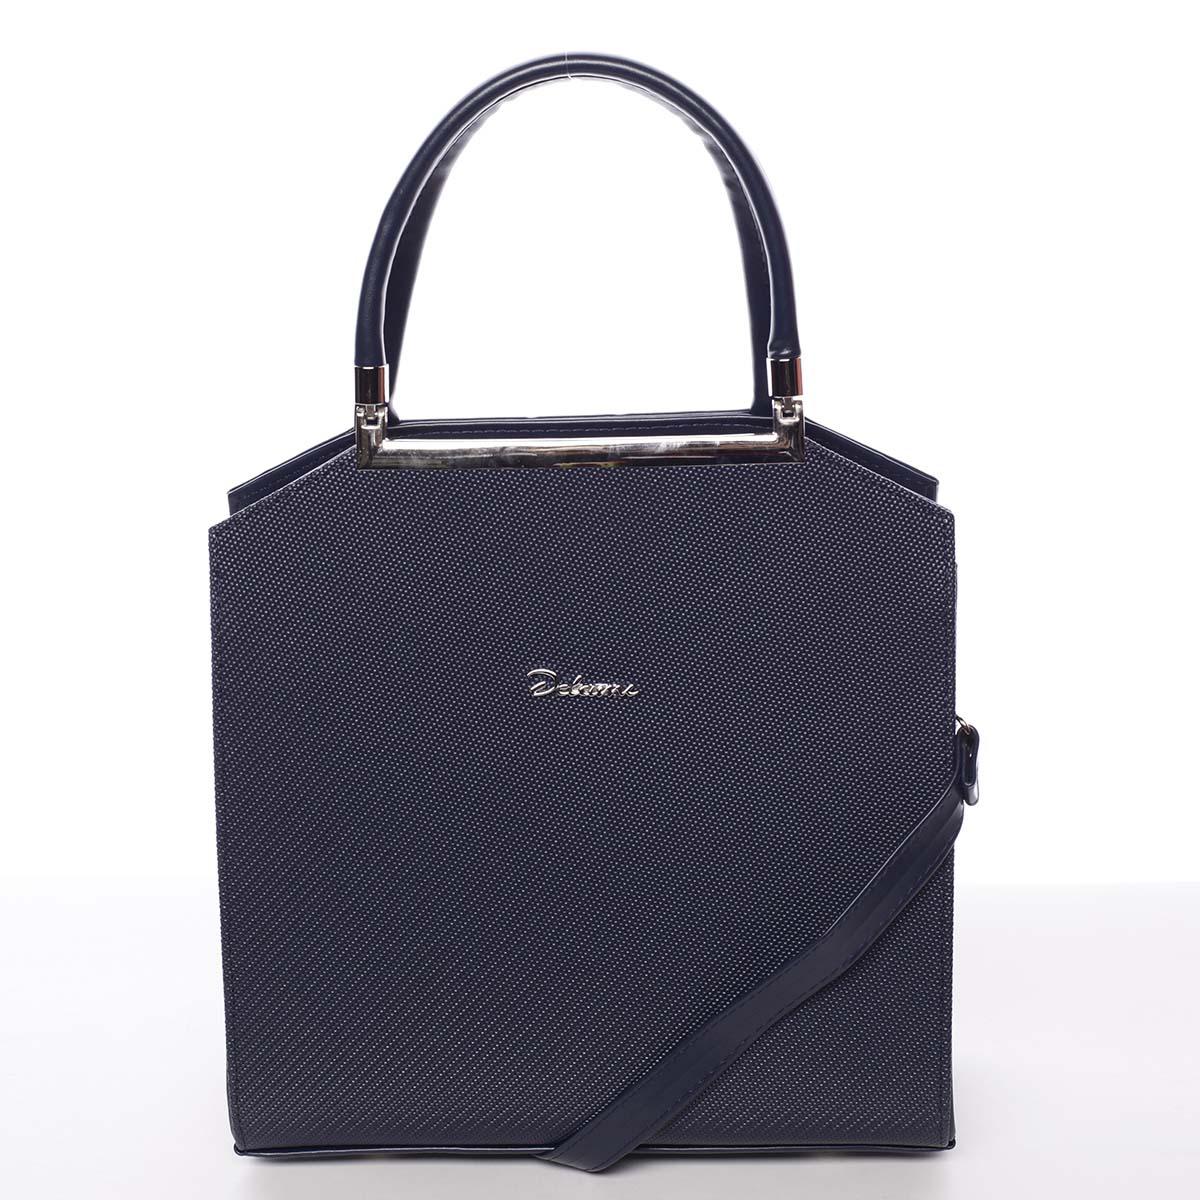 Originální dámská kabelka do ruky tmavě modrá - Delami Chereen